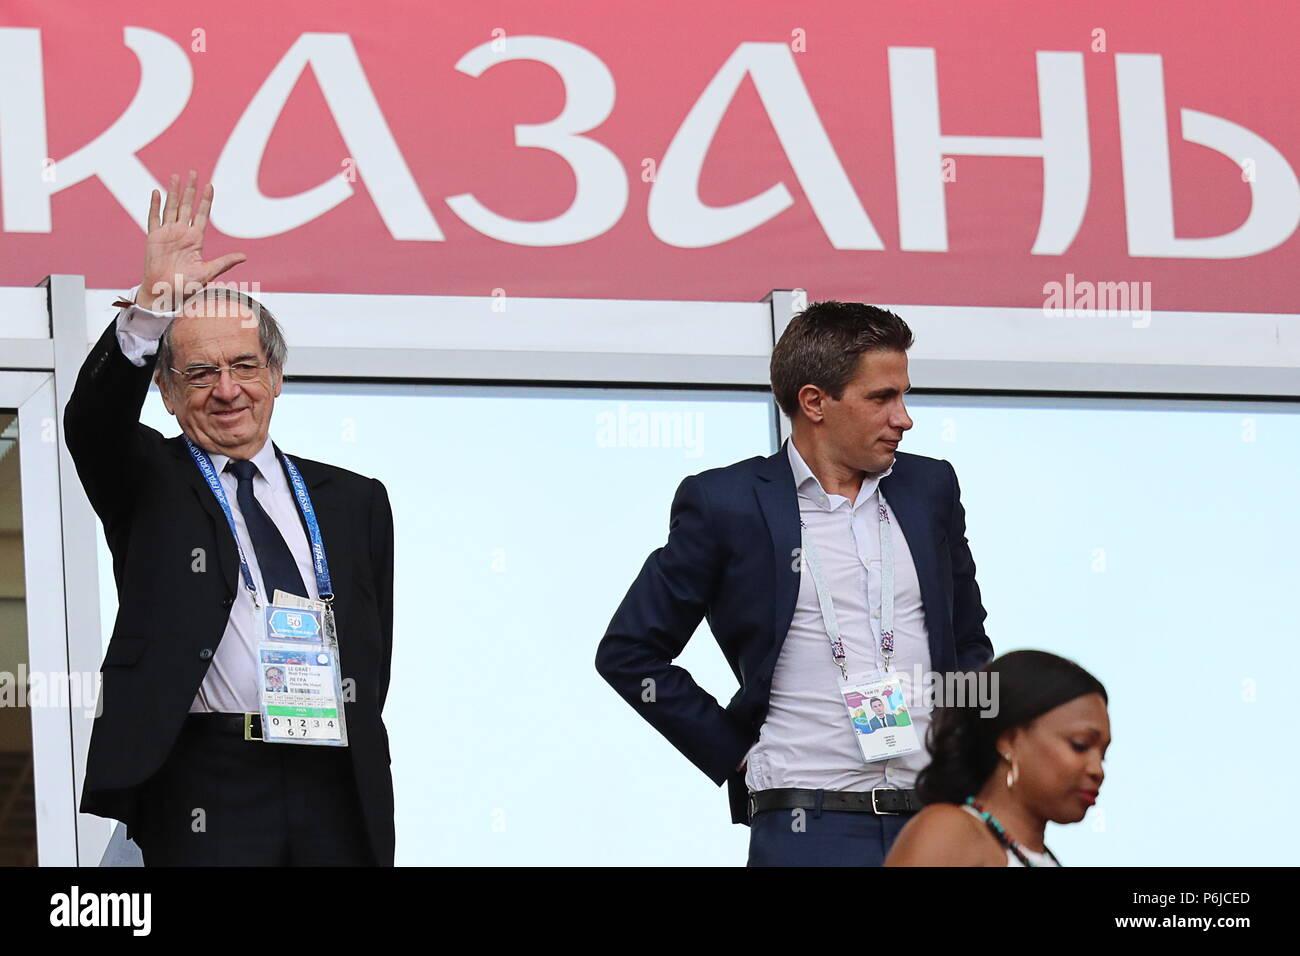 noel 2018 france Kazan, Russia. 30th June, 2018. KAZAN, RUSSIA   JUNE 30, 2018  noel 2018 france